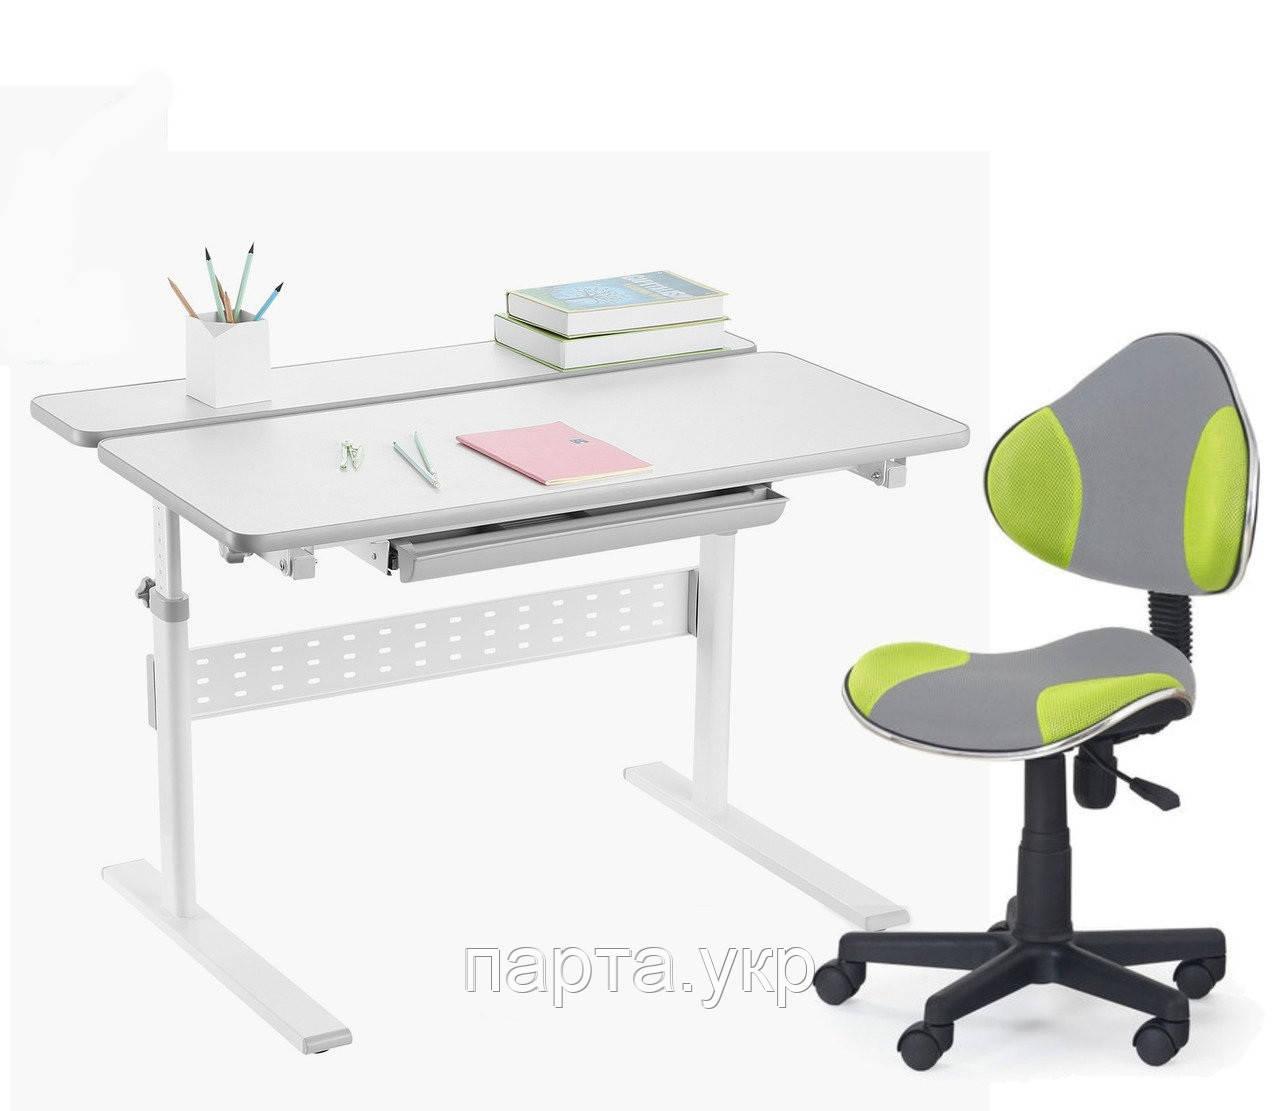 Комплект парта Colore Grey 95 см+ детское компьютерное кресло LST3, 2 ЦВЕТА